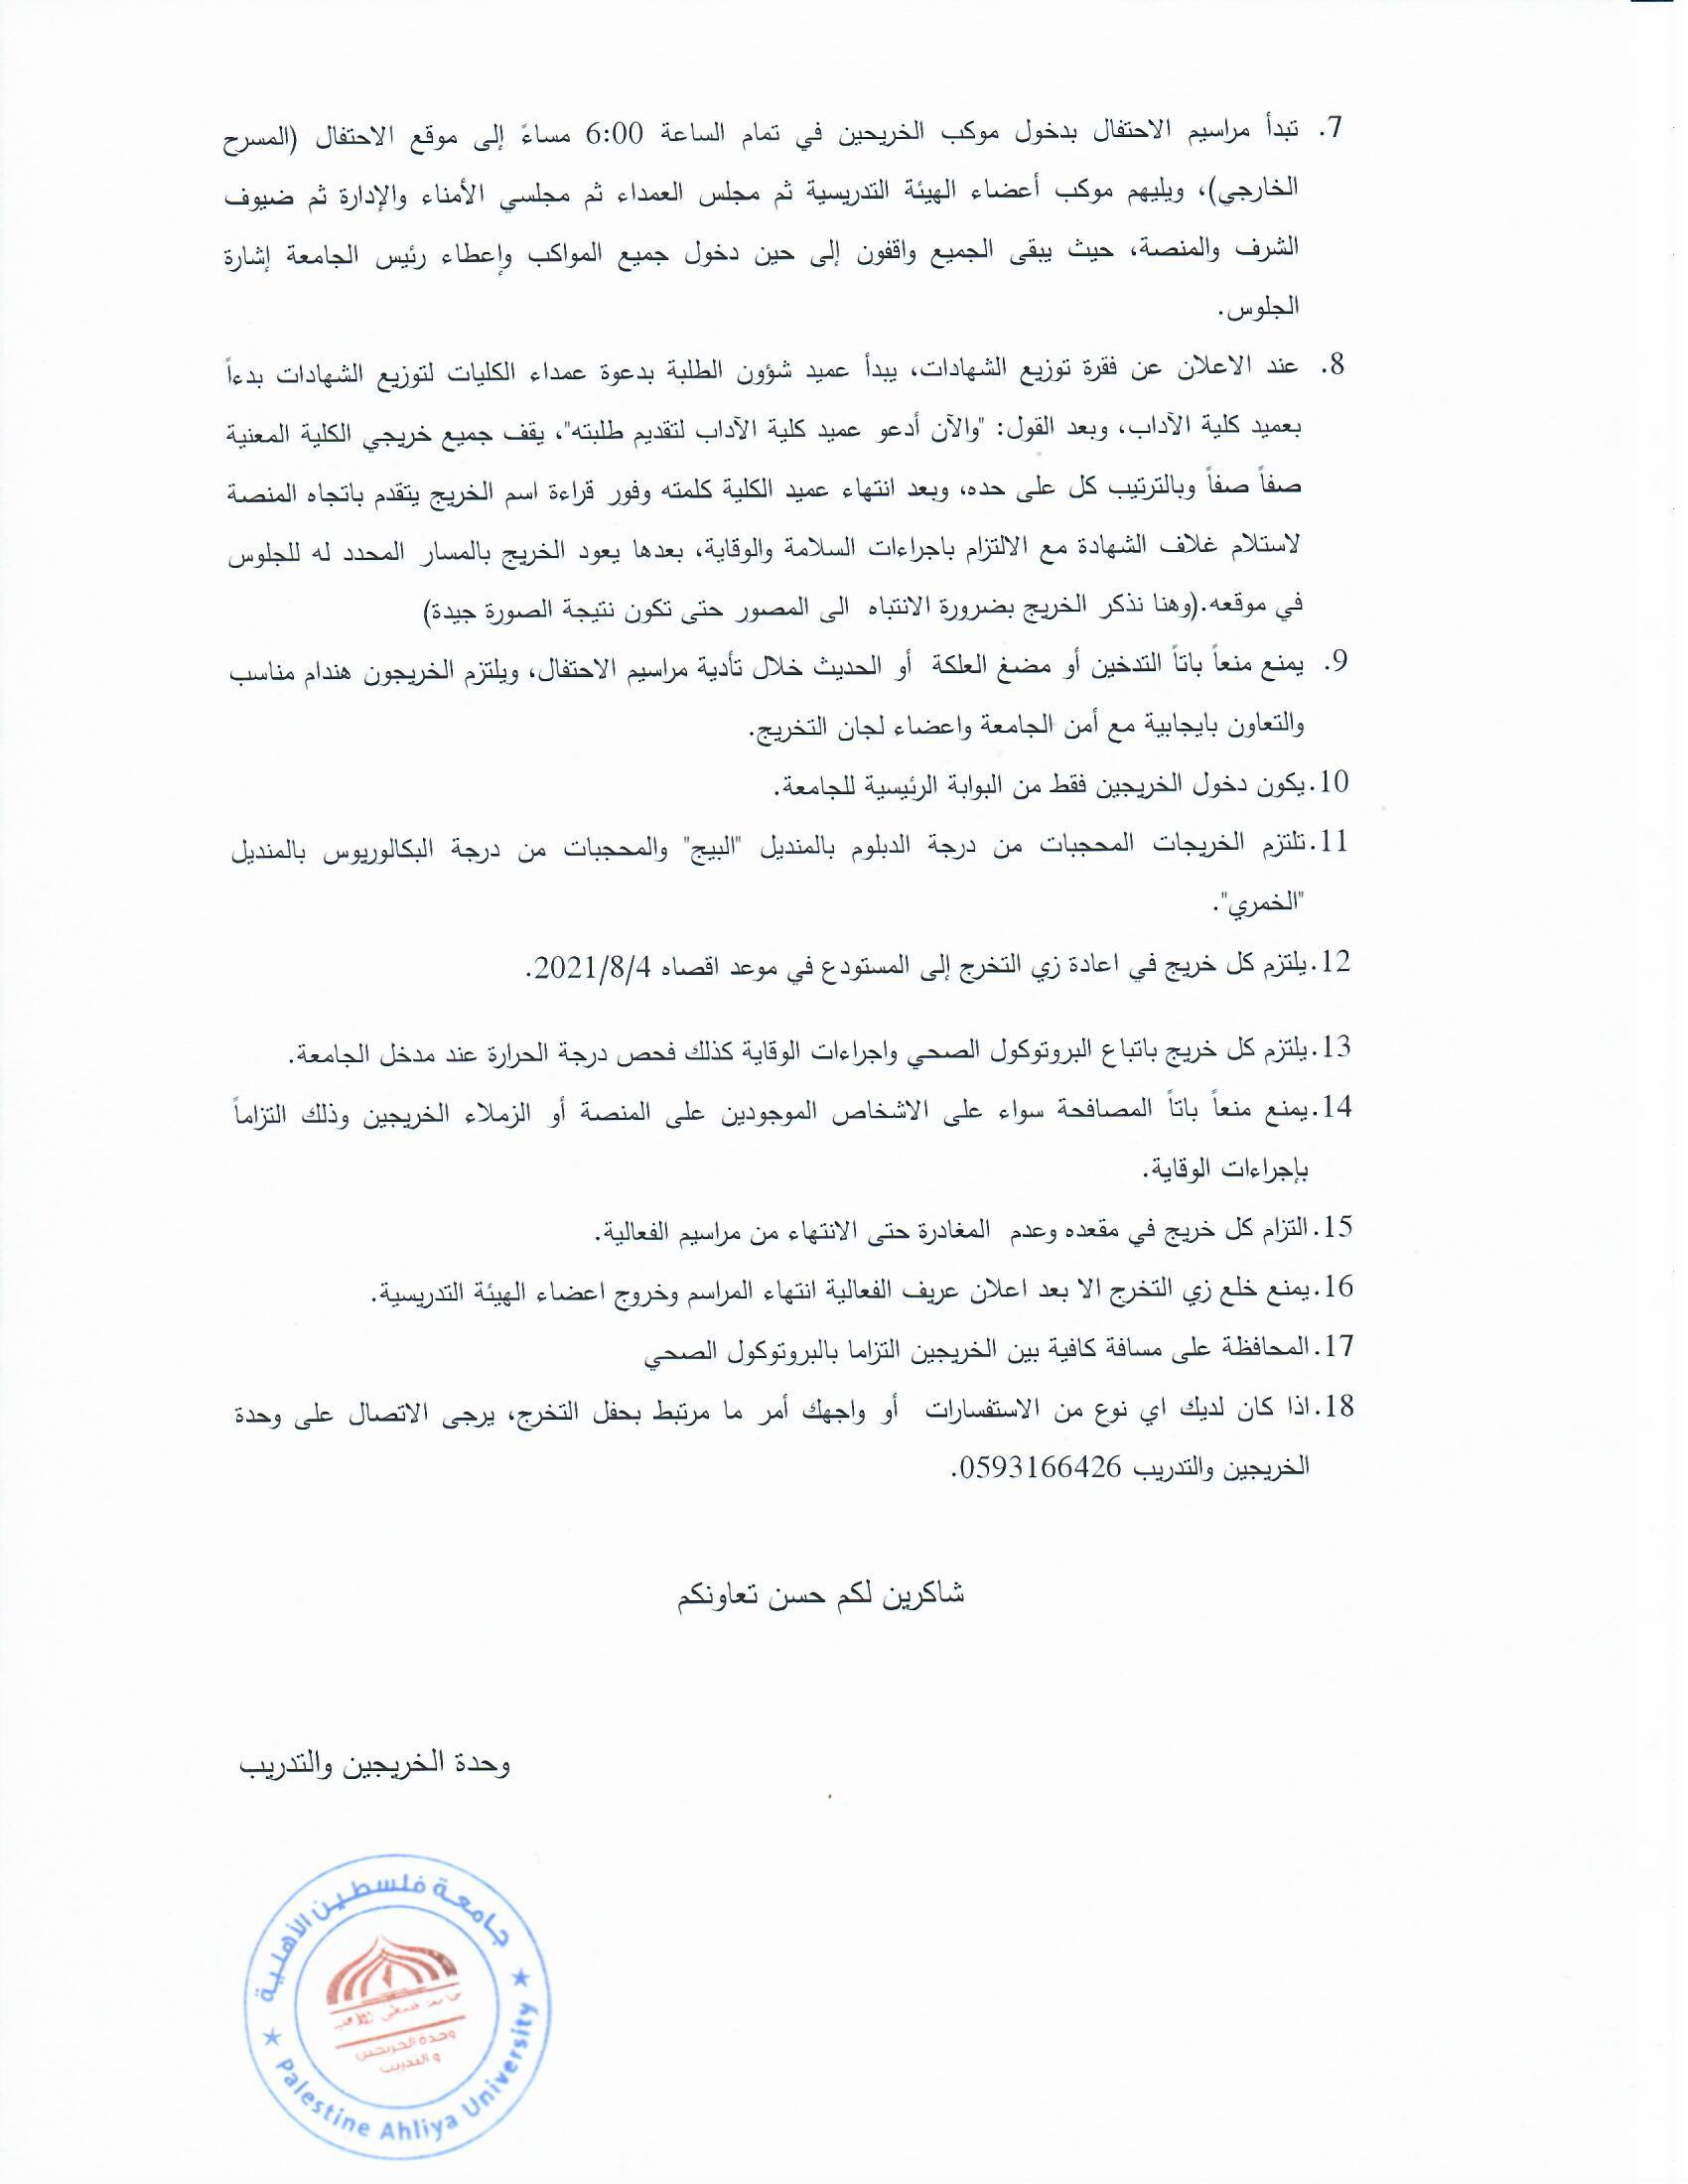 2 - تعليمات المشاركة في حفل التخريج السنوي -الفوج الحادي عشر